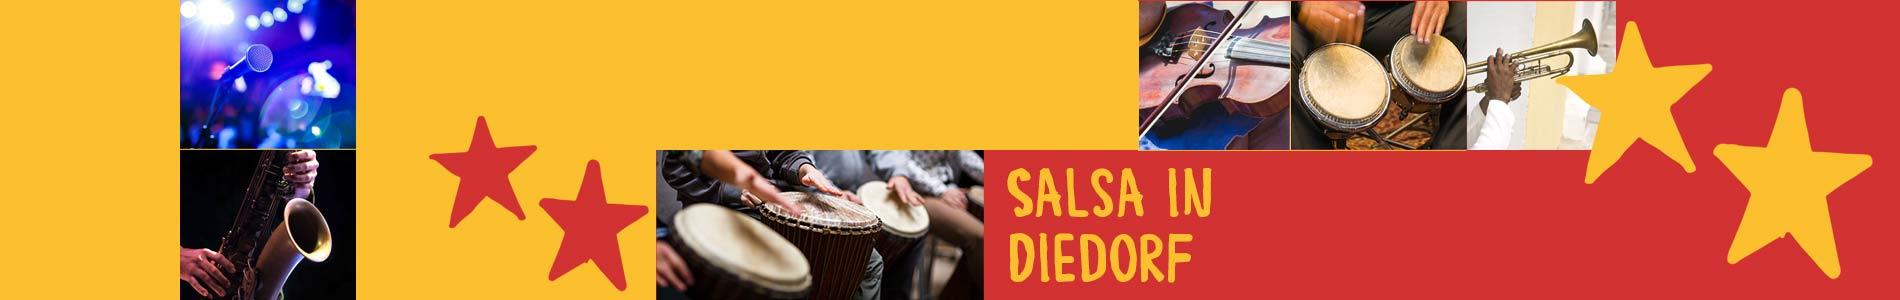 Salsa in Diedorf – Salsa lernen und tanzen, Tanzkurse, Partys, Veranstaltungen